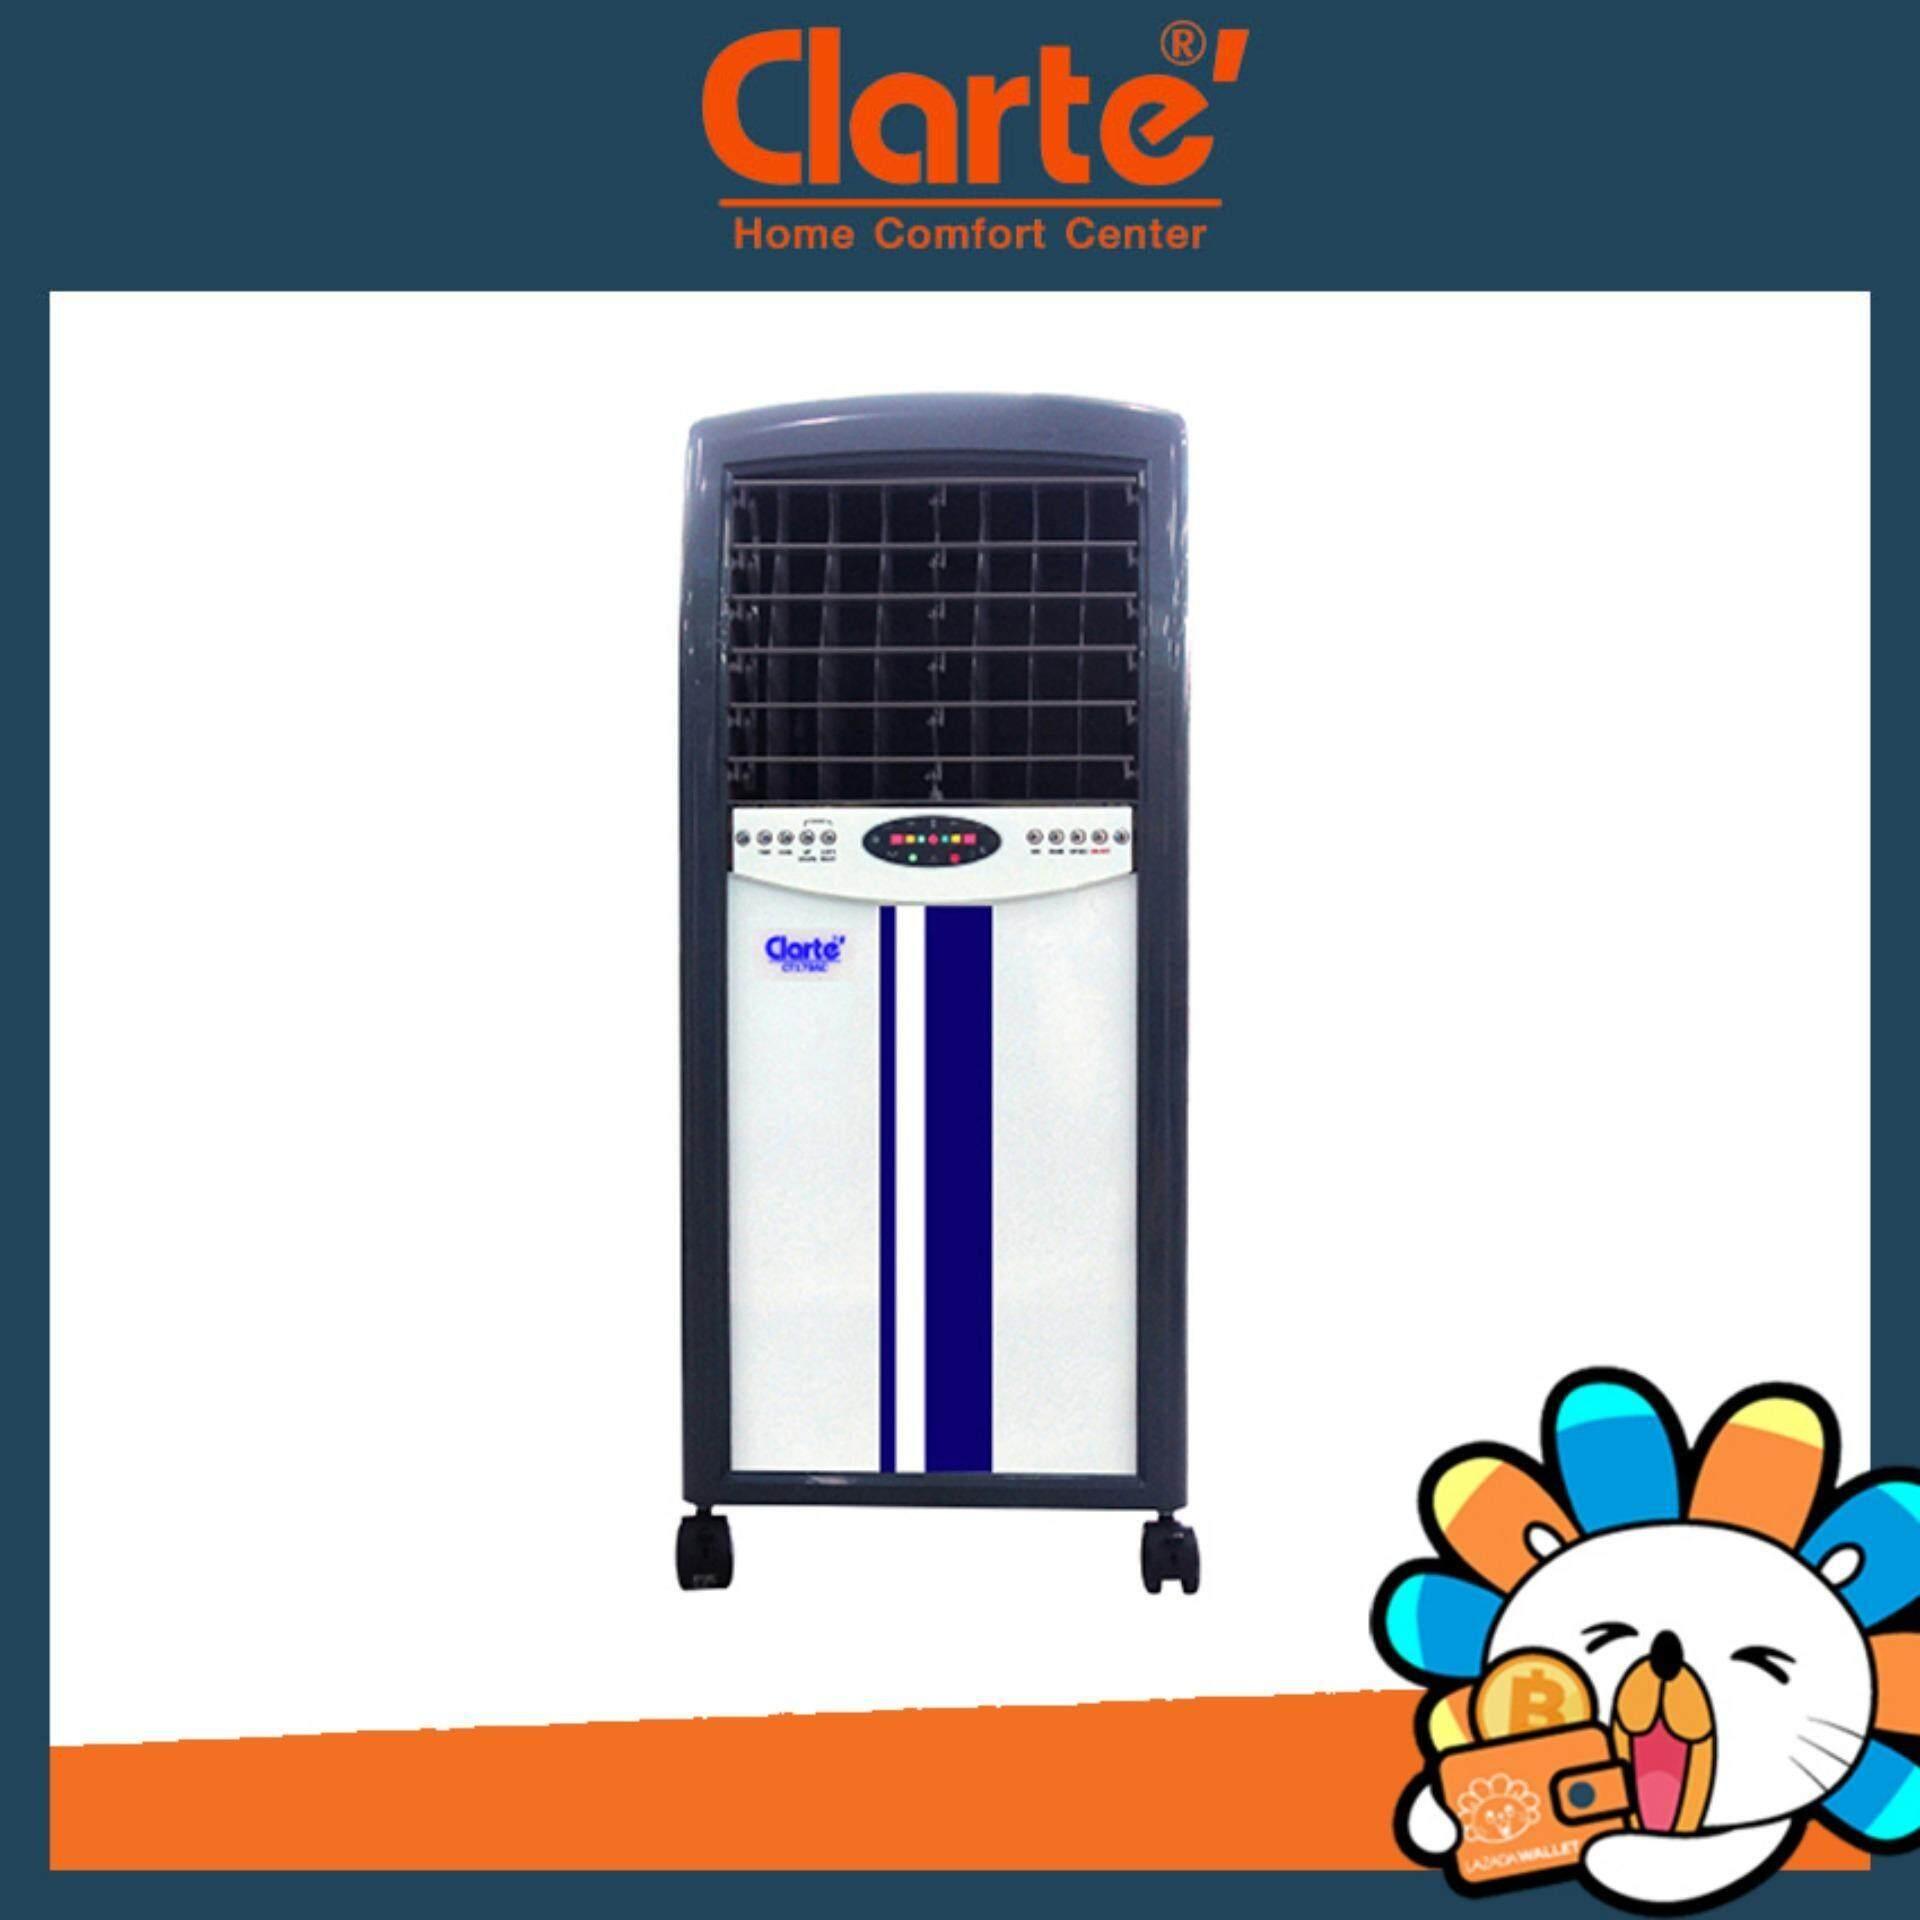 ขาย Clarte พัดลมไอเย็น รุ่น Ct179Ac Clarte ถูก